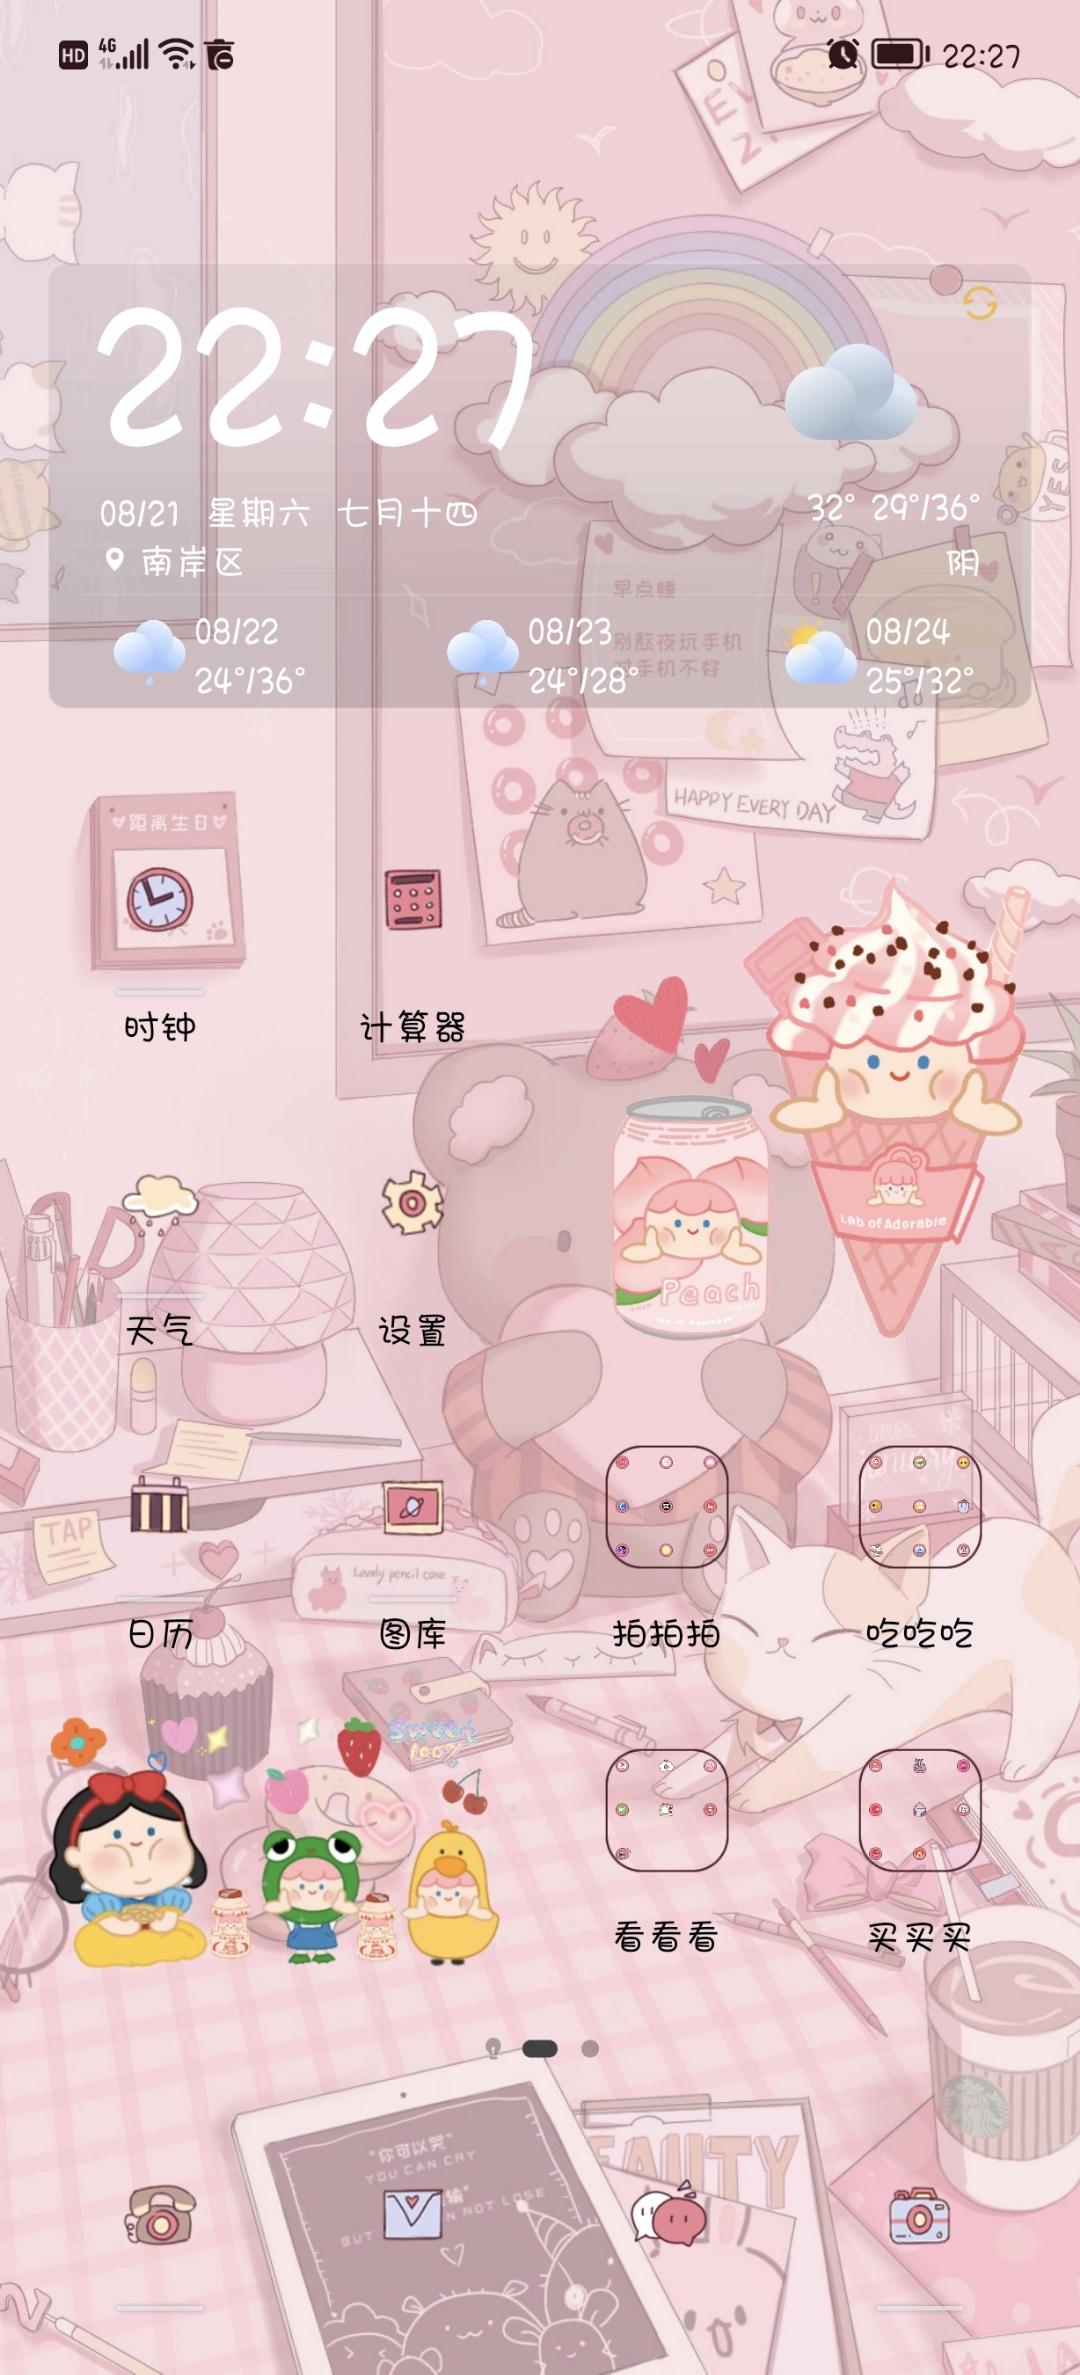 Screenshot_20210821_222742_com.huawei.android.launcher.jpg